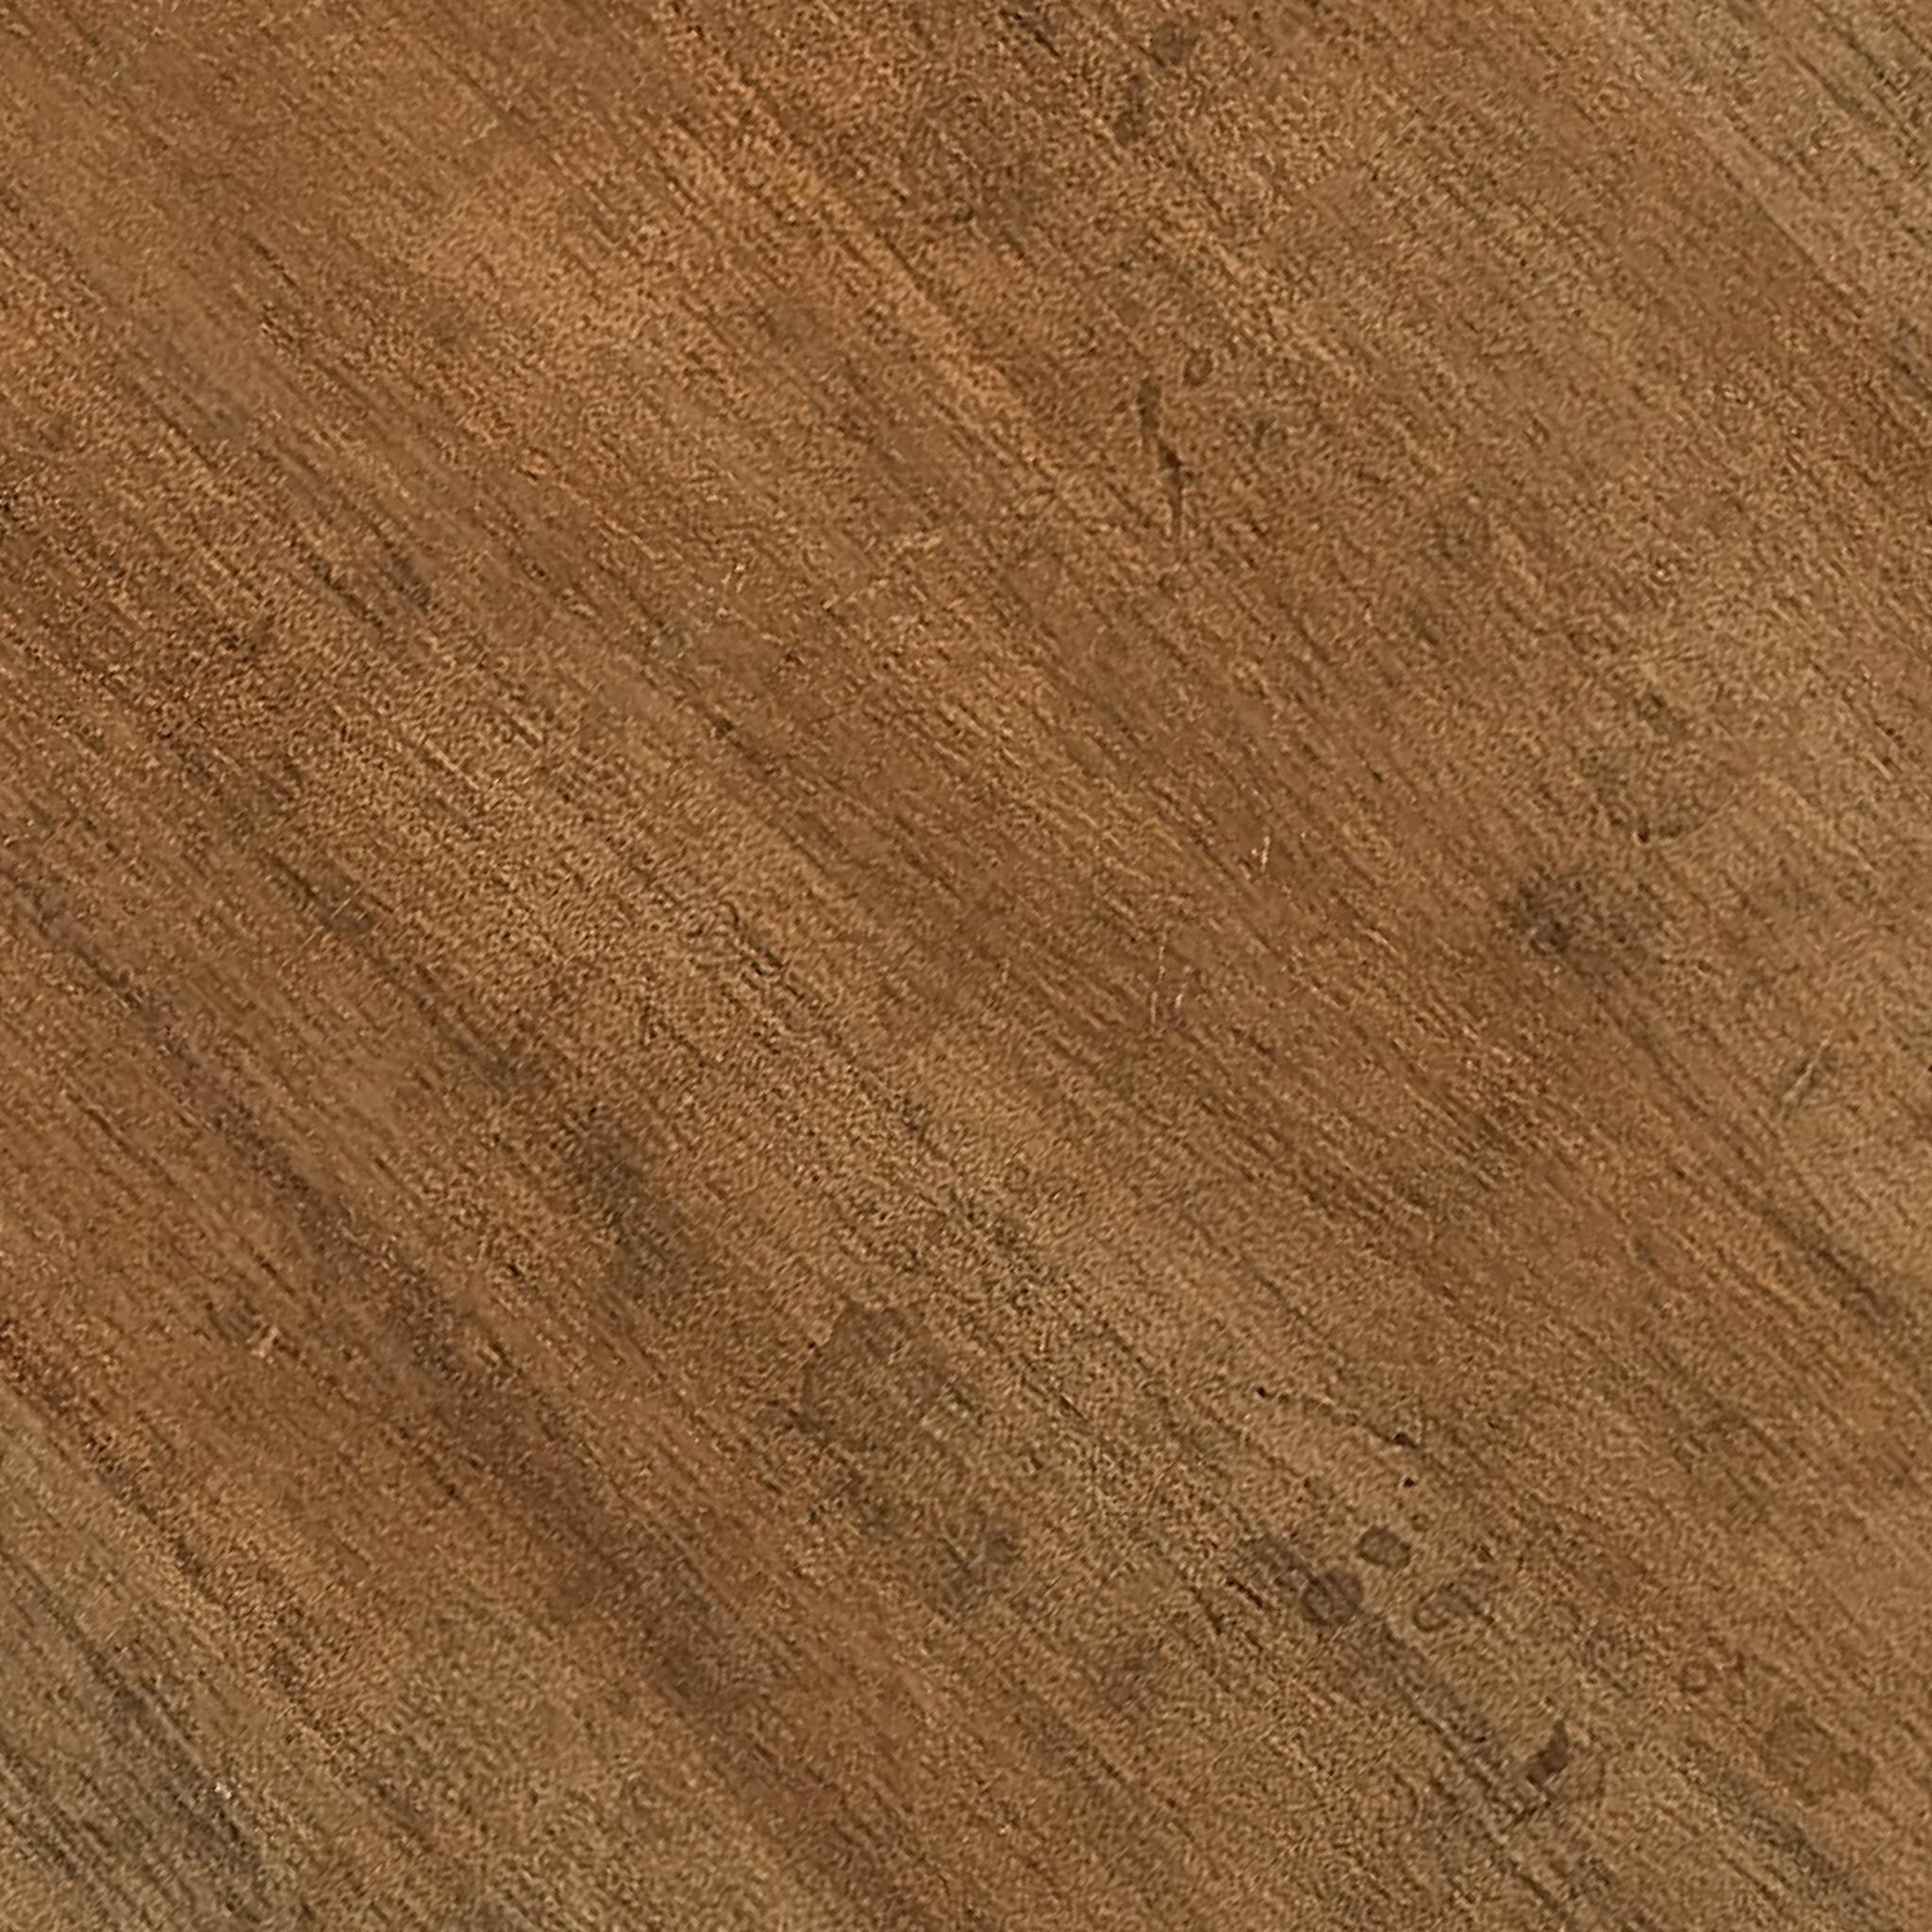 Wood Textures Vol 1